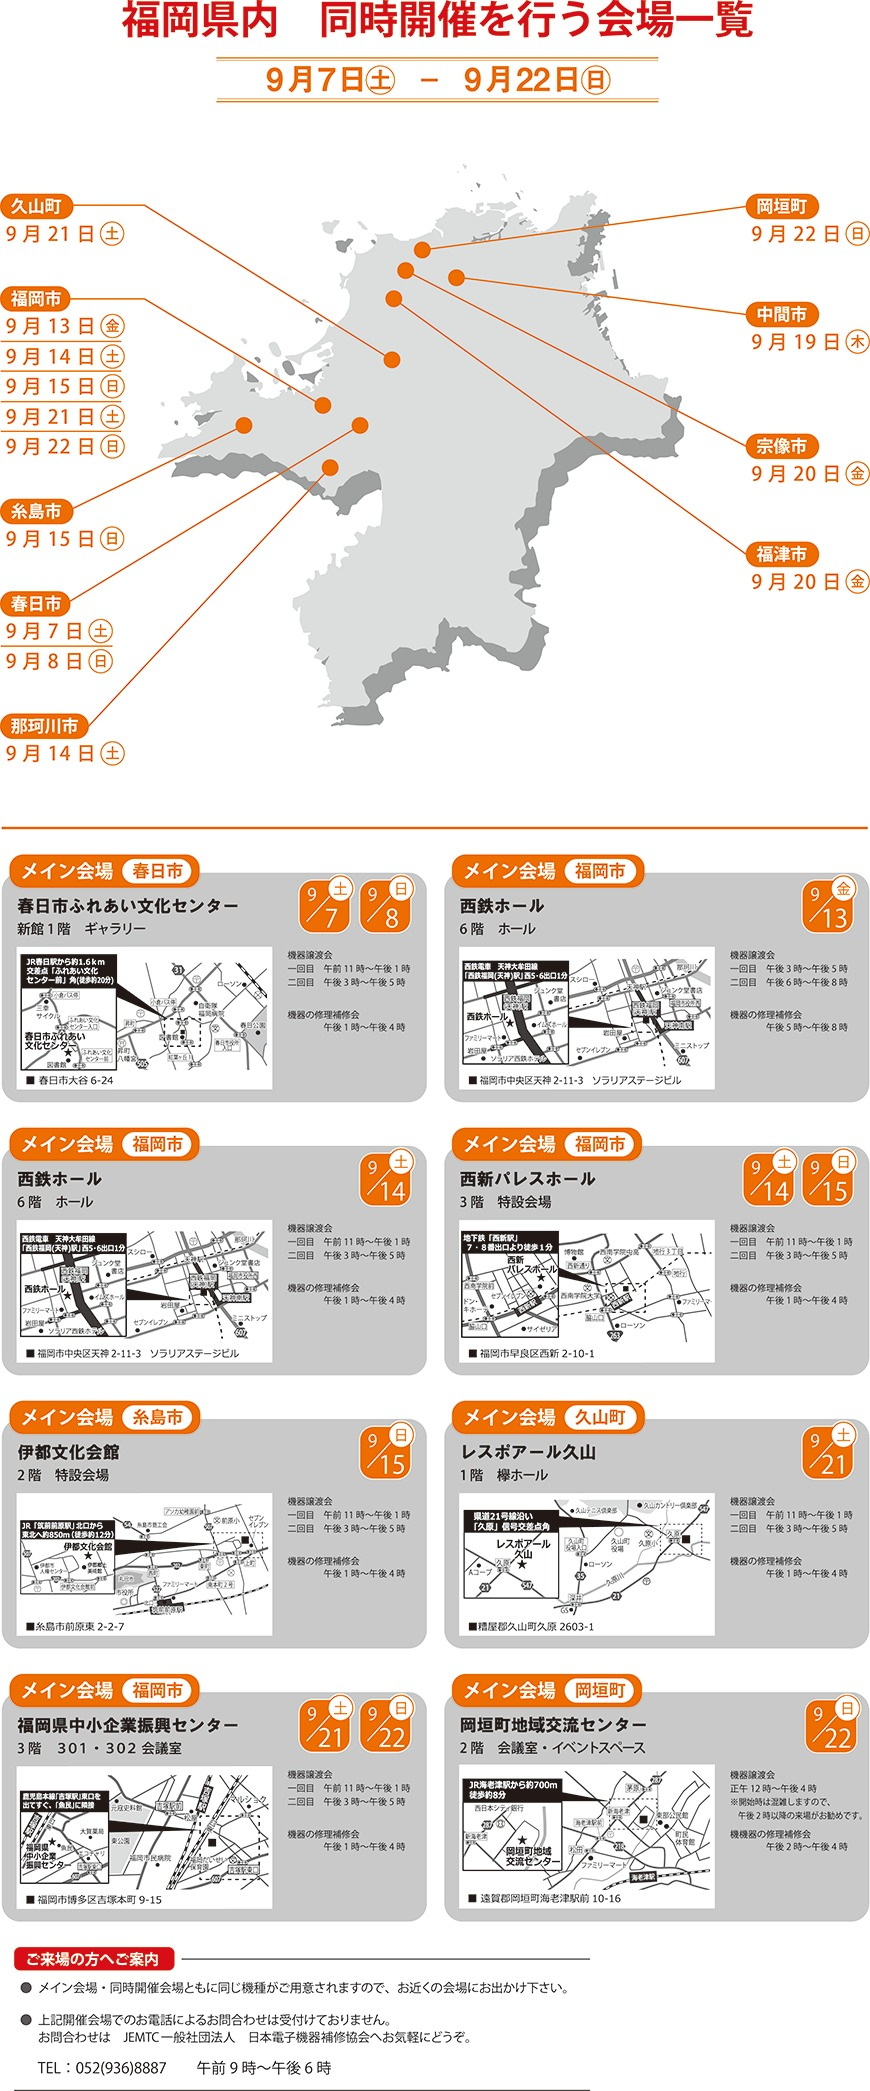 ジェムテクノートパソコン有償譲渡会in福岡_他開催会場